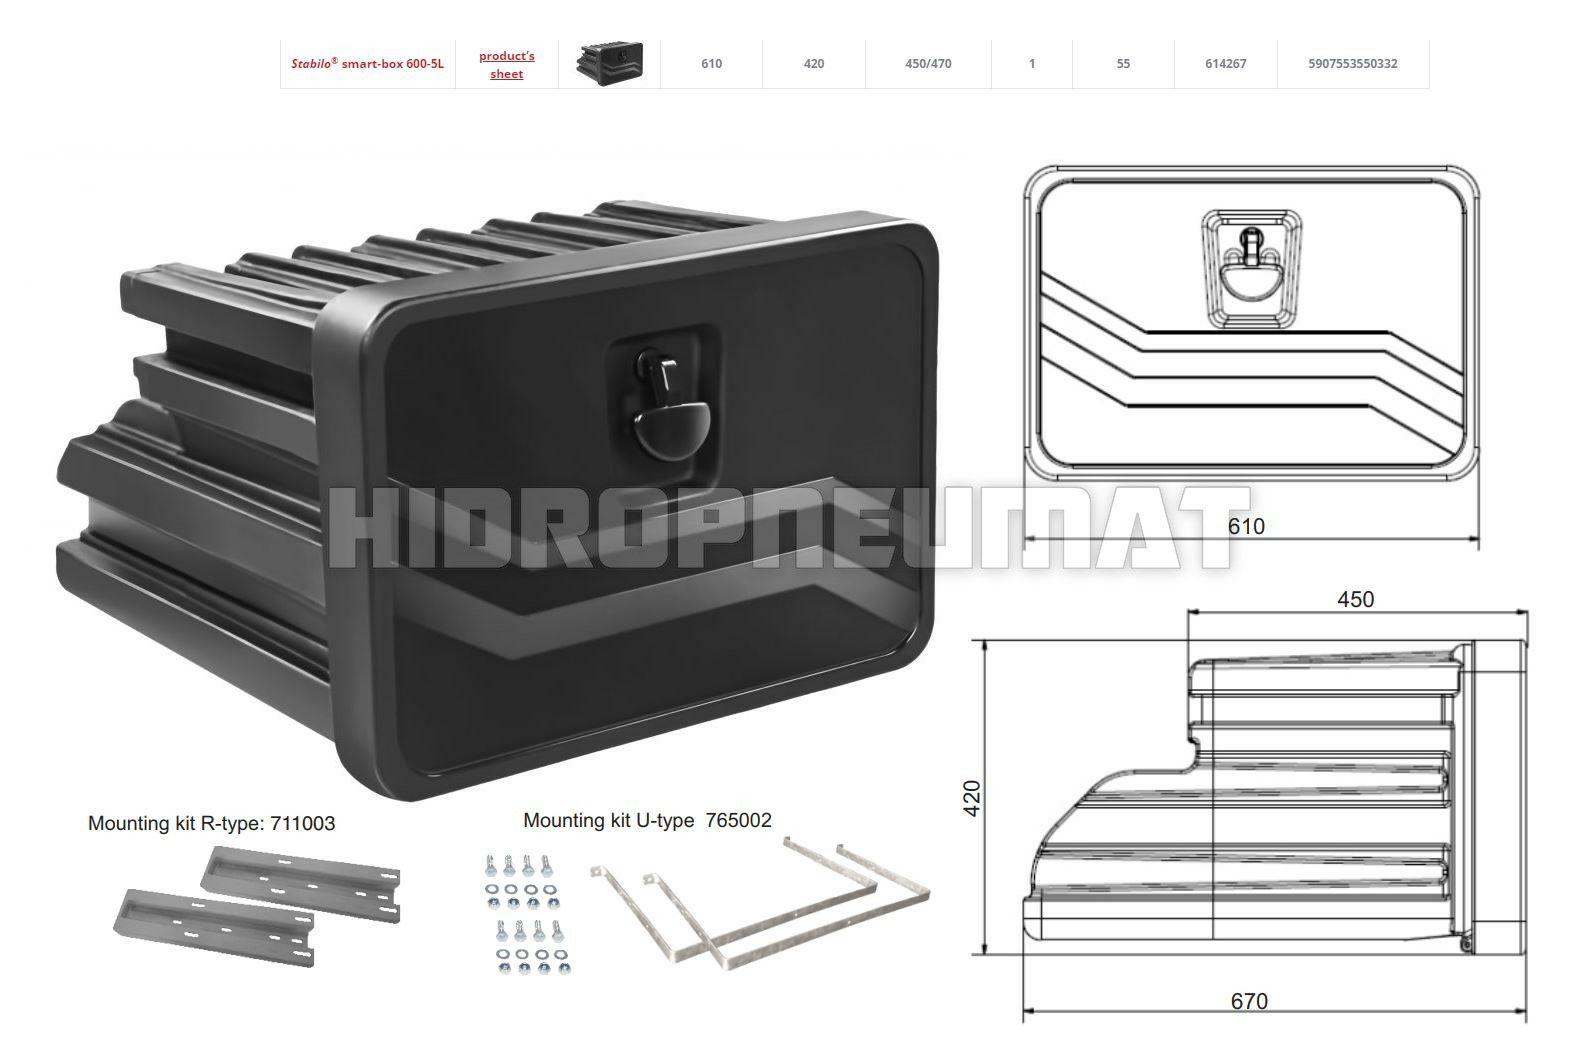 kutija-za-alat-schmitz-61x42x4567-nosaci-122603-125383_1.jpg